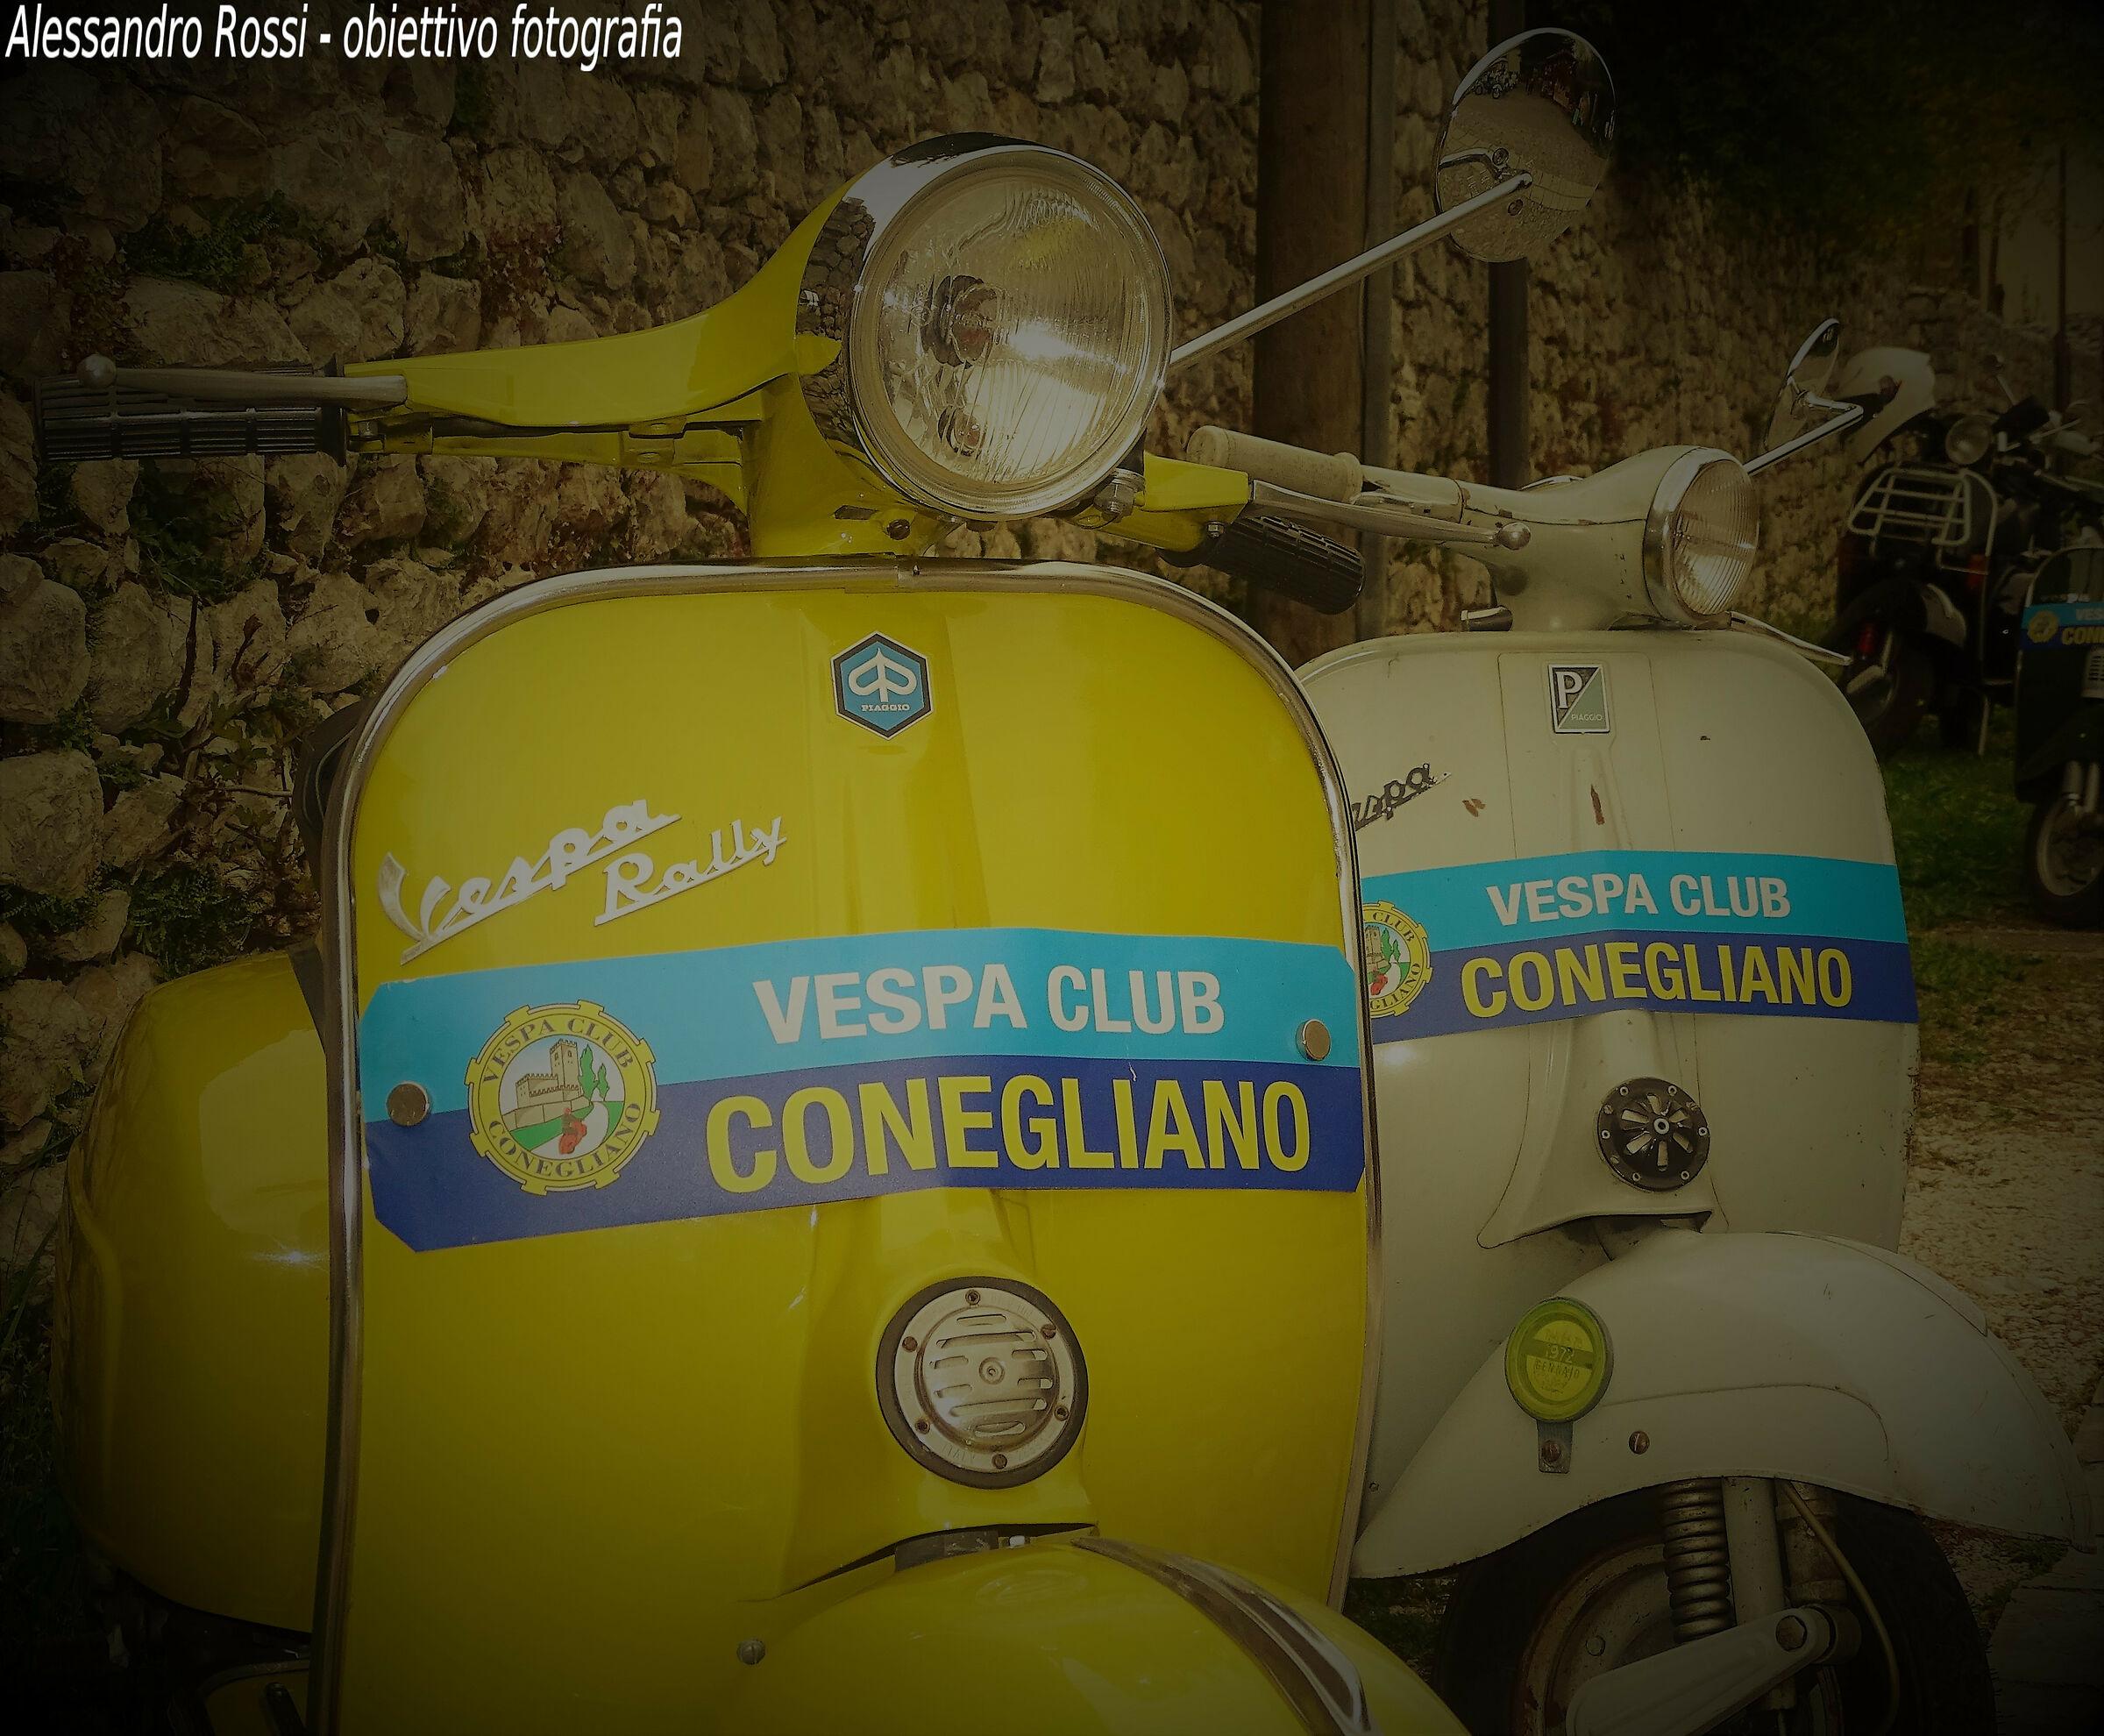 Vespa club Conegliano...